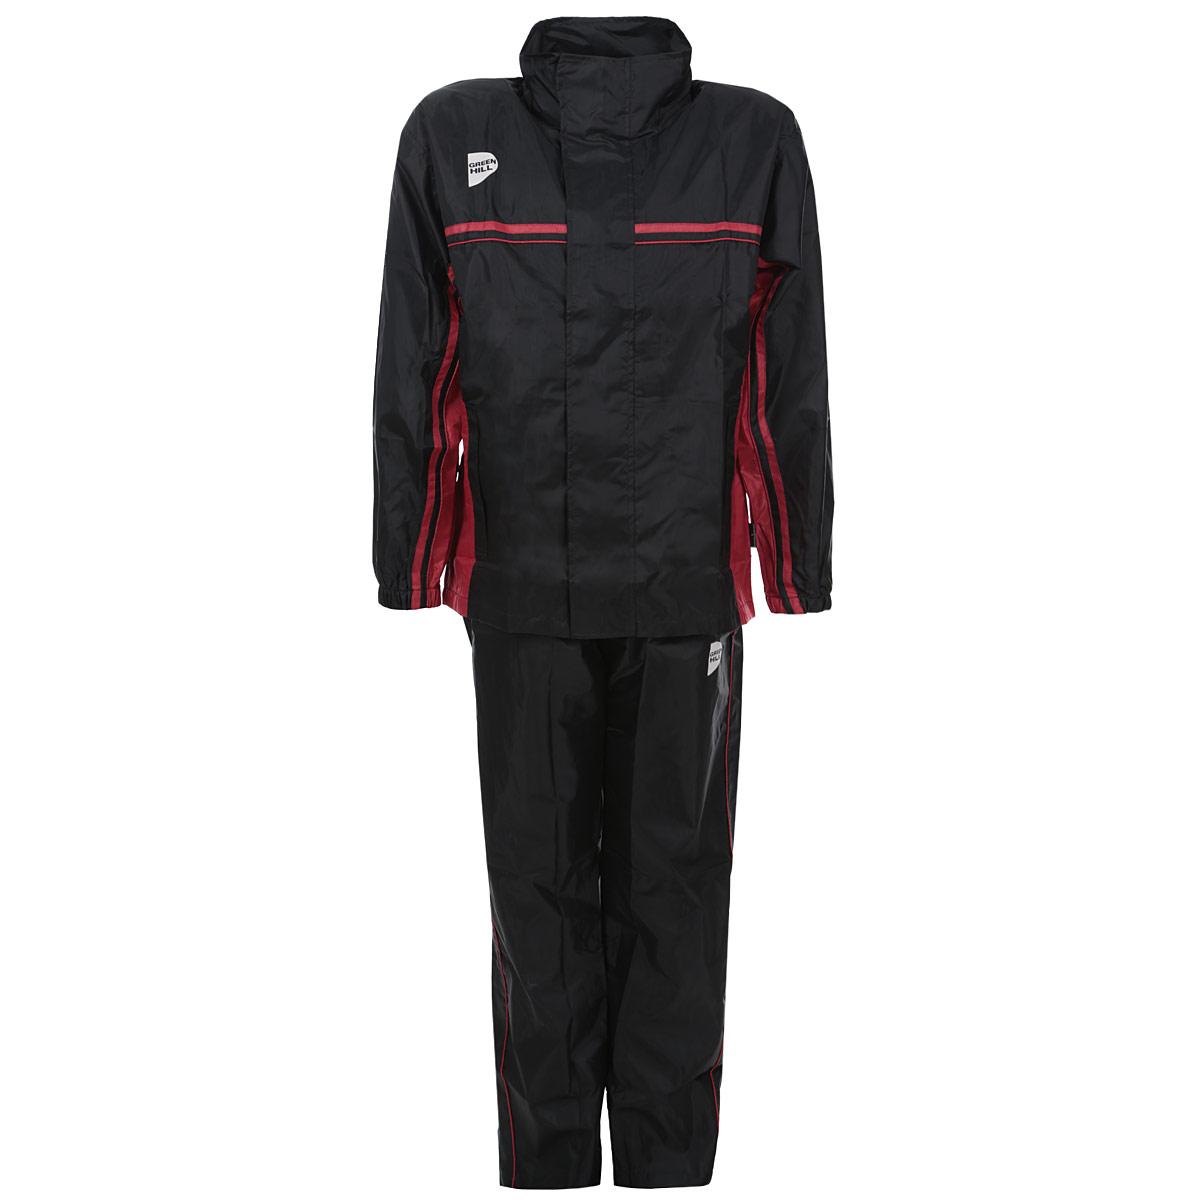 Костюм-сауна Green Hill, цвет: черный, красный. Размер 46SS-3661Костюм-сауна Green Hill предназначен для интенсивного сброса веса во время тренировок. Костюм выполнен из полиэстера черного цвета с красными вставками. Состоит из штанов и куртки с длинным рукавом. Пояс и манжеты куртки и штанов на резинках, что обеспечивает более плотное прилегание к телу. Куртка застегивается на застежку-молнию и липучки, имеет капюшон, убирающийся в воротник, и два кармана на молнии. Брюки имеют шнурок на поясе, а также карманы на молнии. Во время физических тренировок костюм создает эффект сауны, что в свою очередь эффективно воздействует на процесс сжигания жира. Поэтому в таком костюме лишний вес будет пропадать намного быстрее, чем в обычной спортивной одежде.